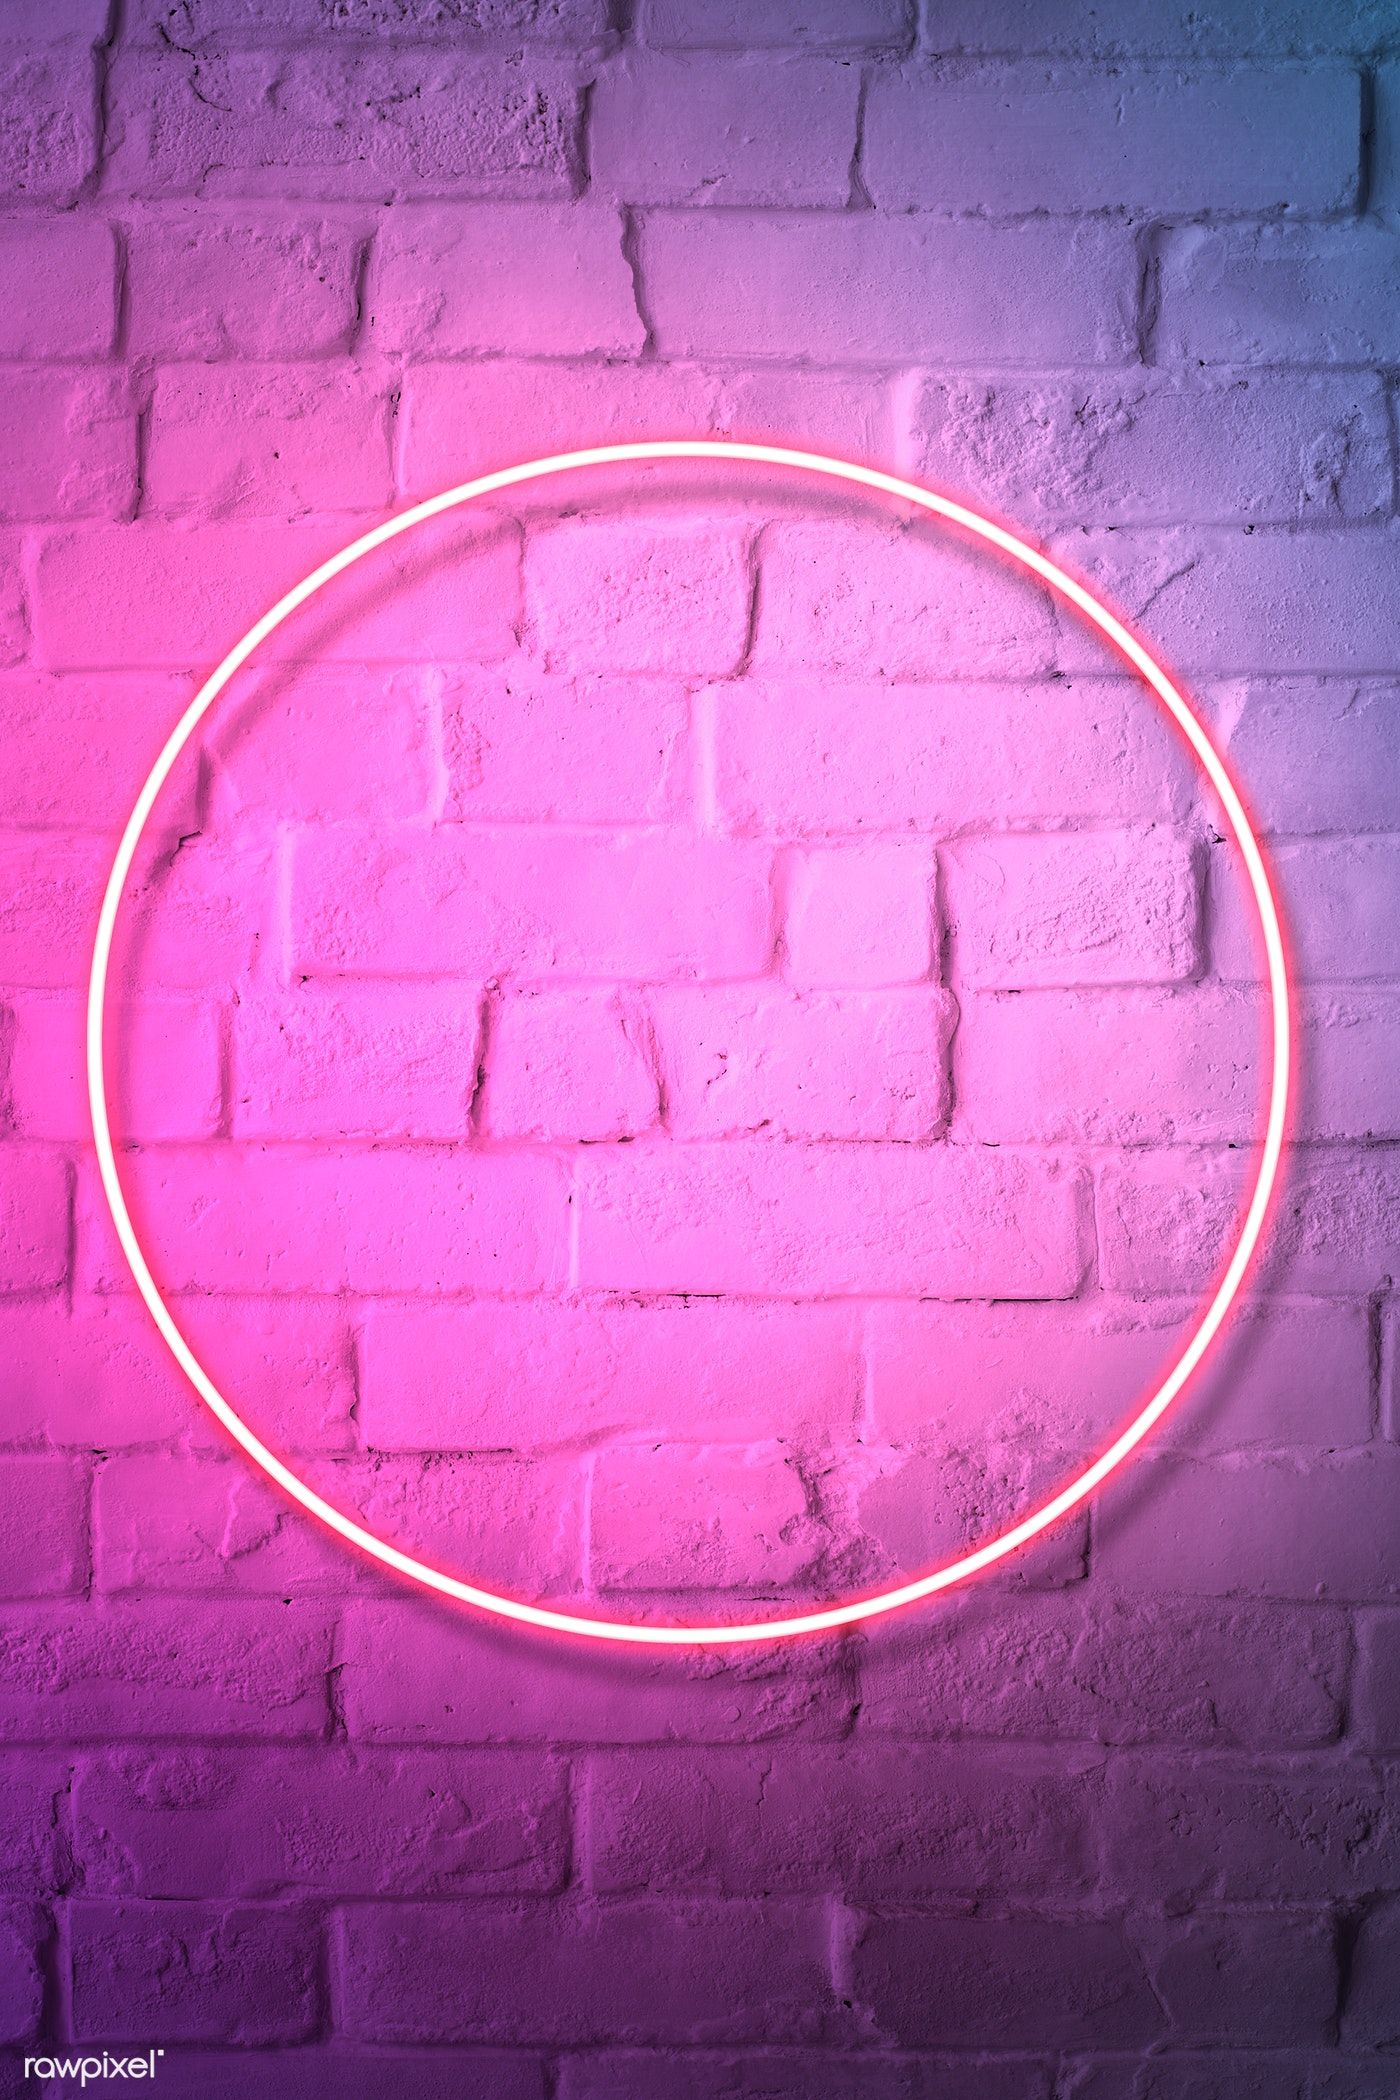 Download premium illustration of Pink neon lights frame on